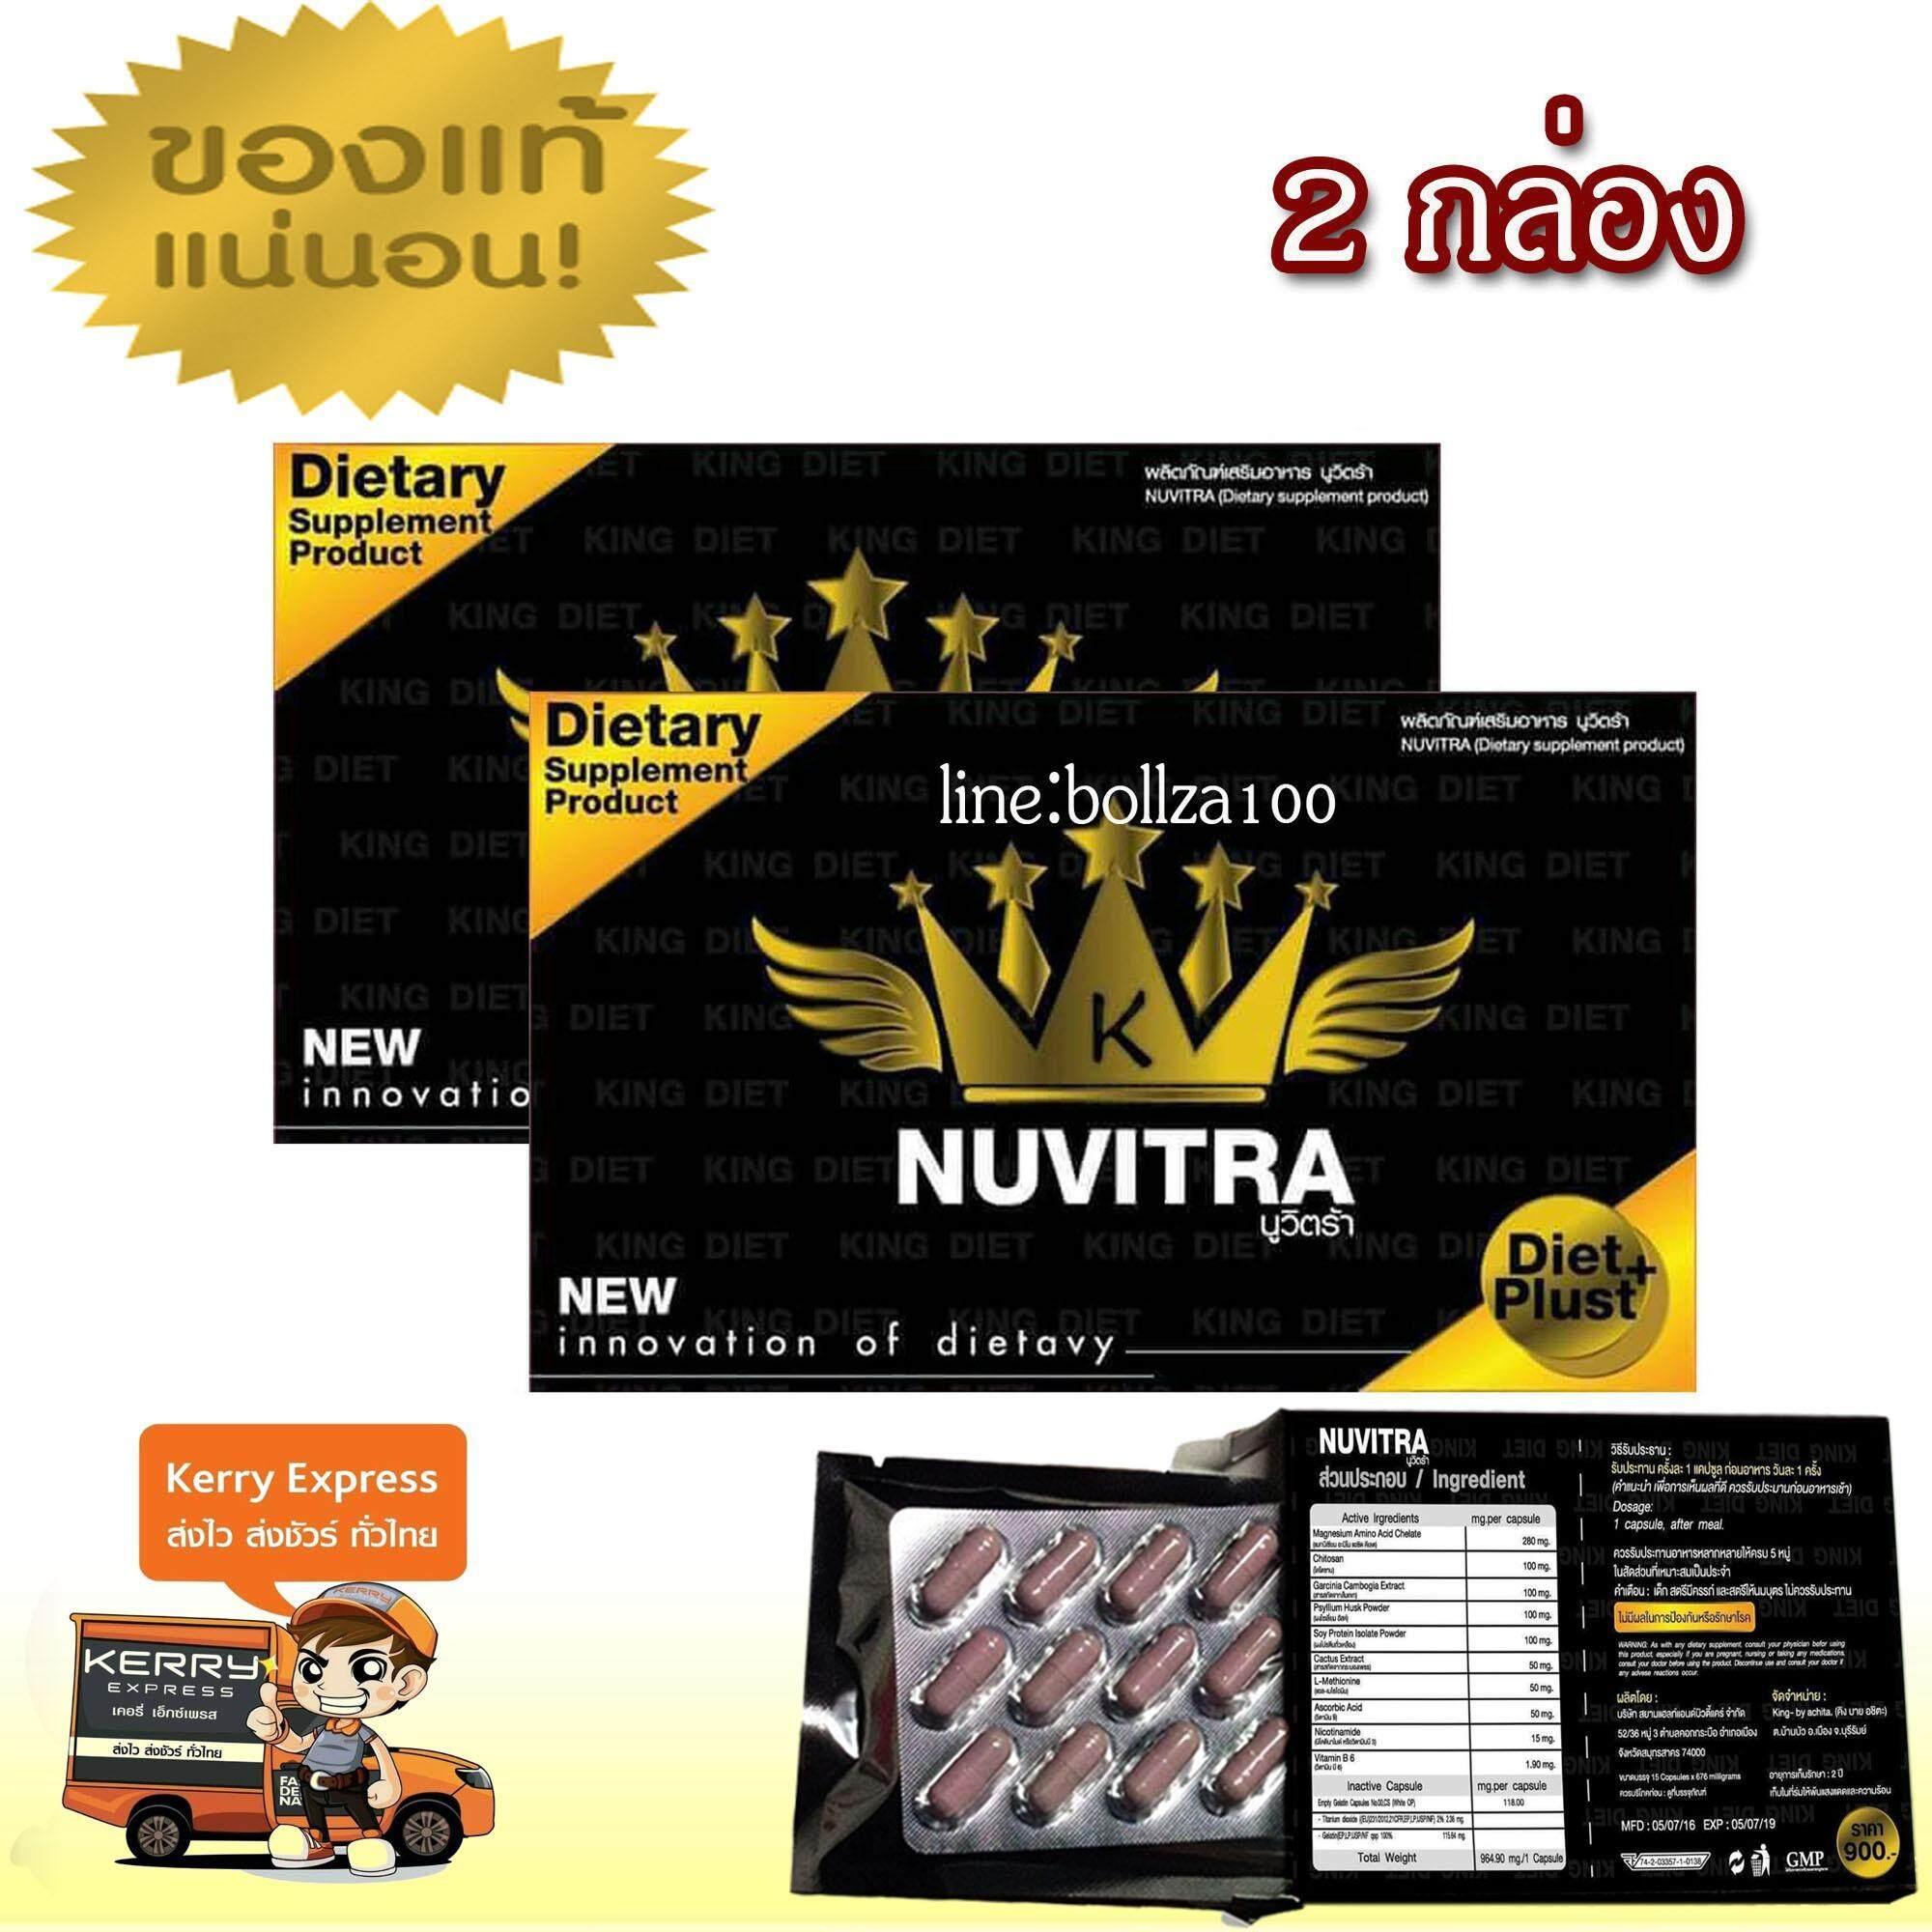 โปรโมชั่น นูวิตร้า Nuvitra ลดน้ำหนัก สูตรดื้อยา 2 กล่อง ของแท้ 100 กรุงเทพมหานคร